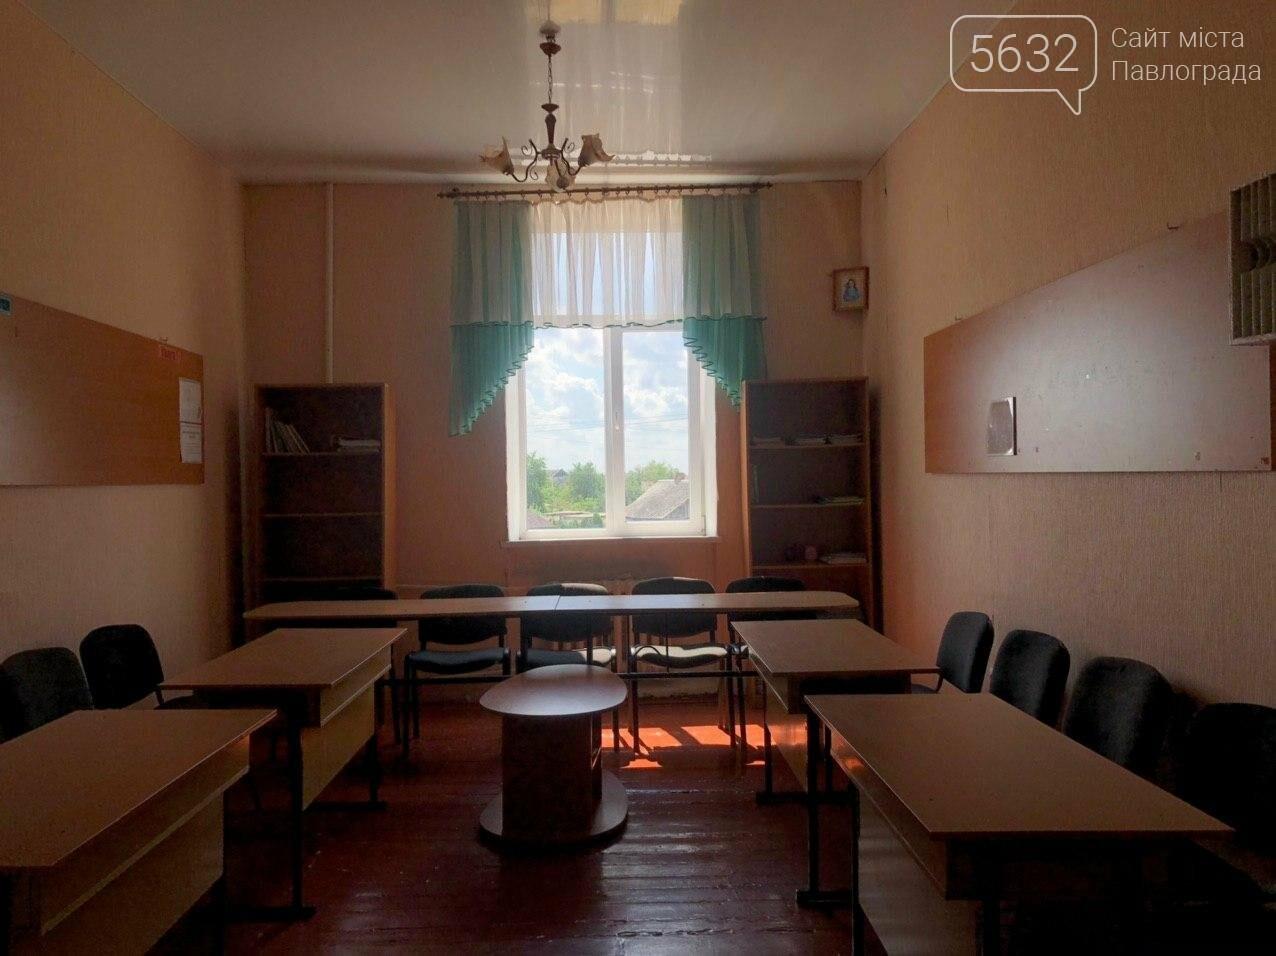 Санитайзеры и медицинские маски: как школы Павлограда готовятся к новому учебному году (ФОТО), фото-25